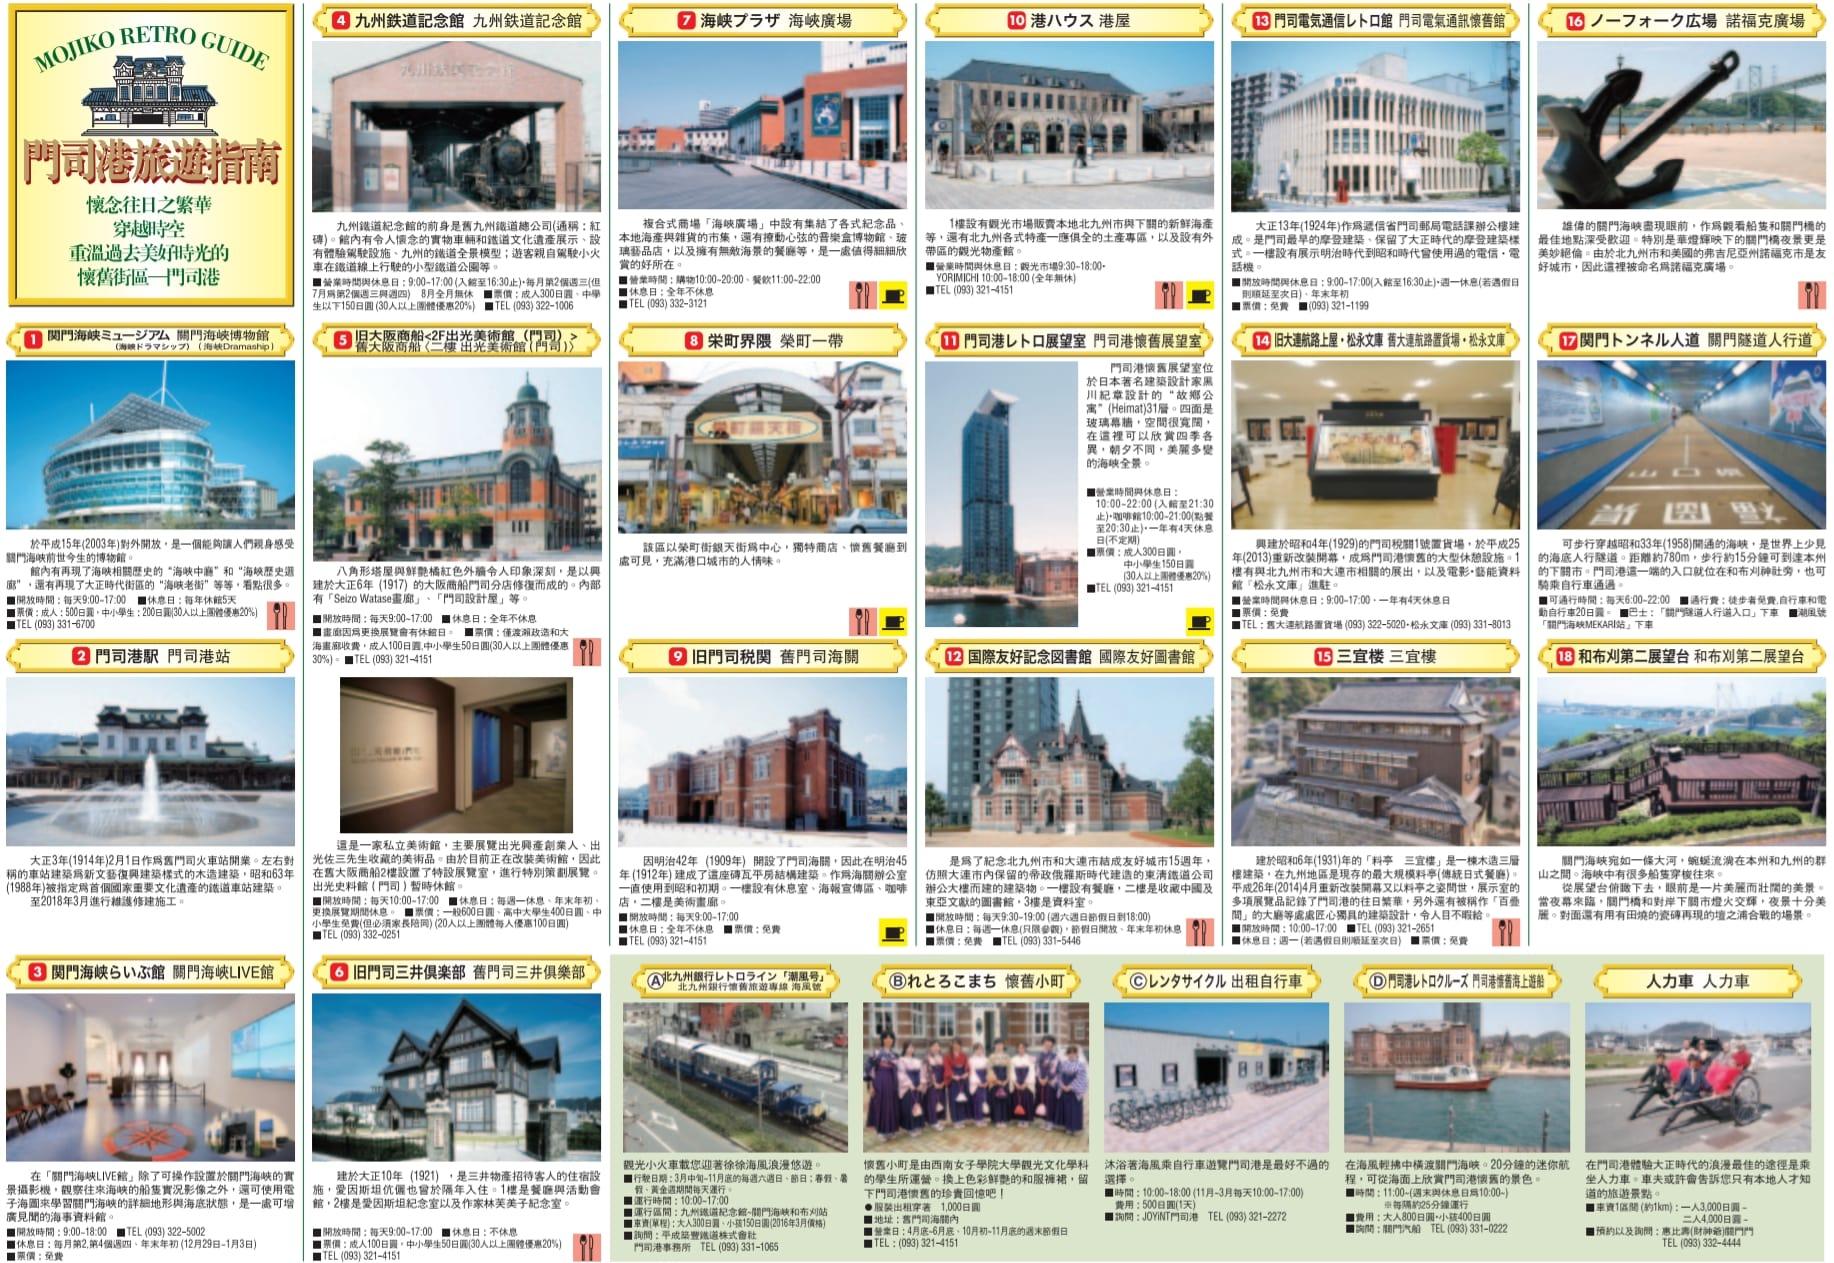 北九州門司港懷舊地區半日遊行程、景點、美食、交通